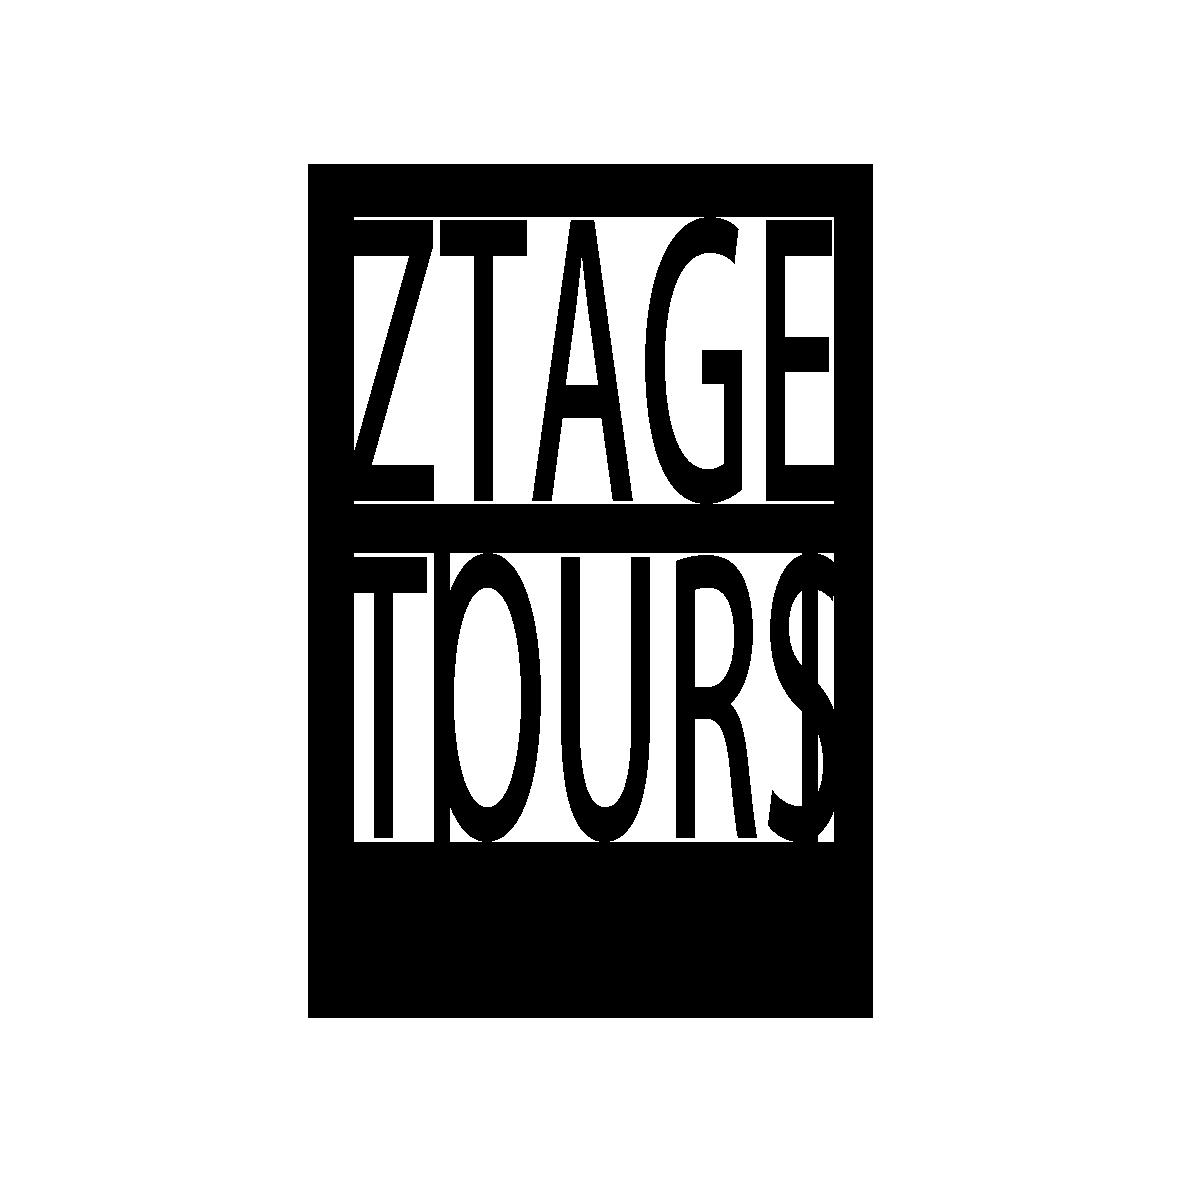 ZTAGE Tourslogo